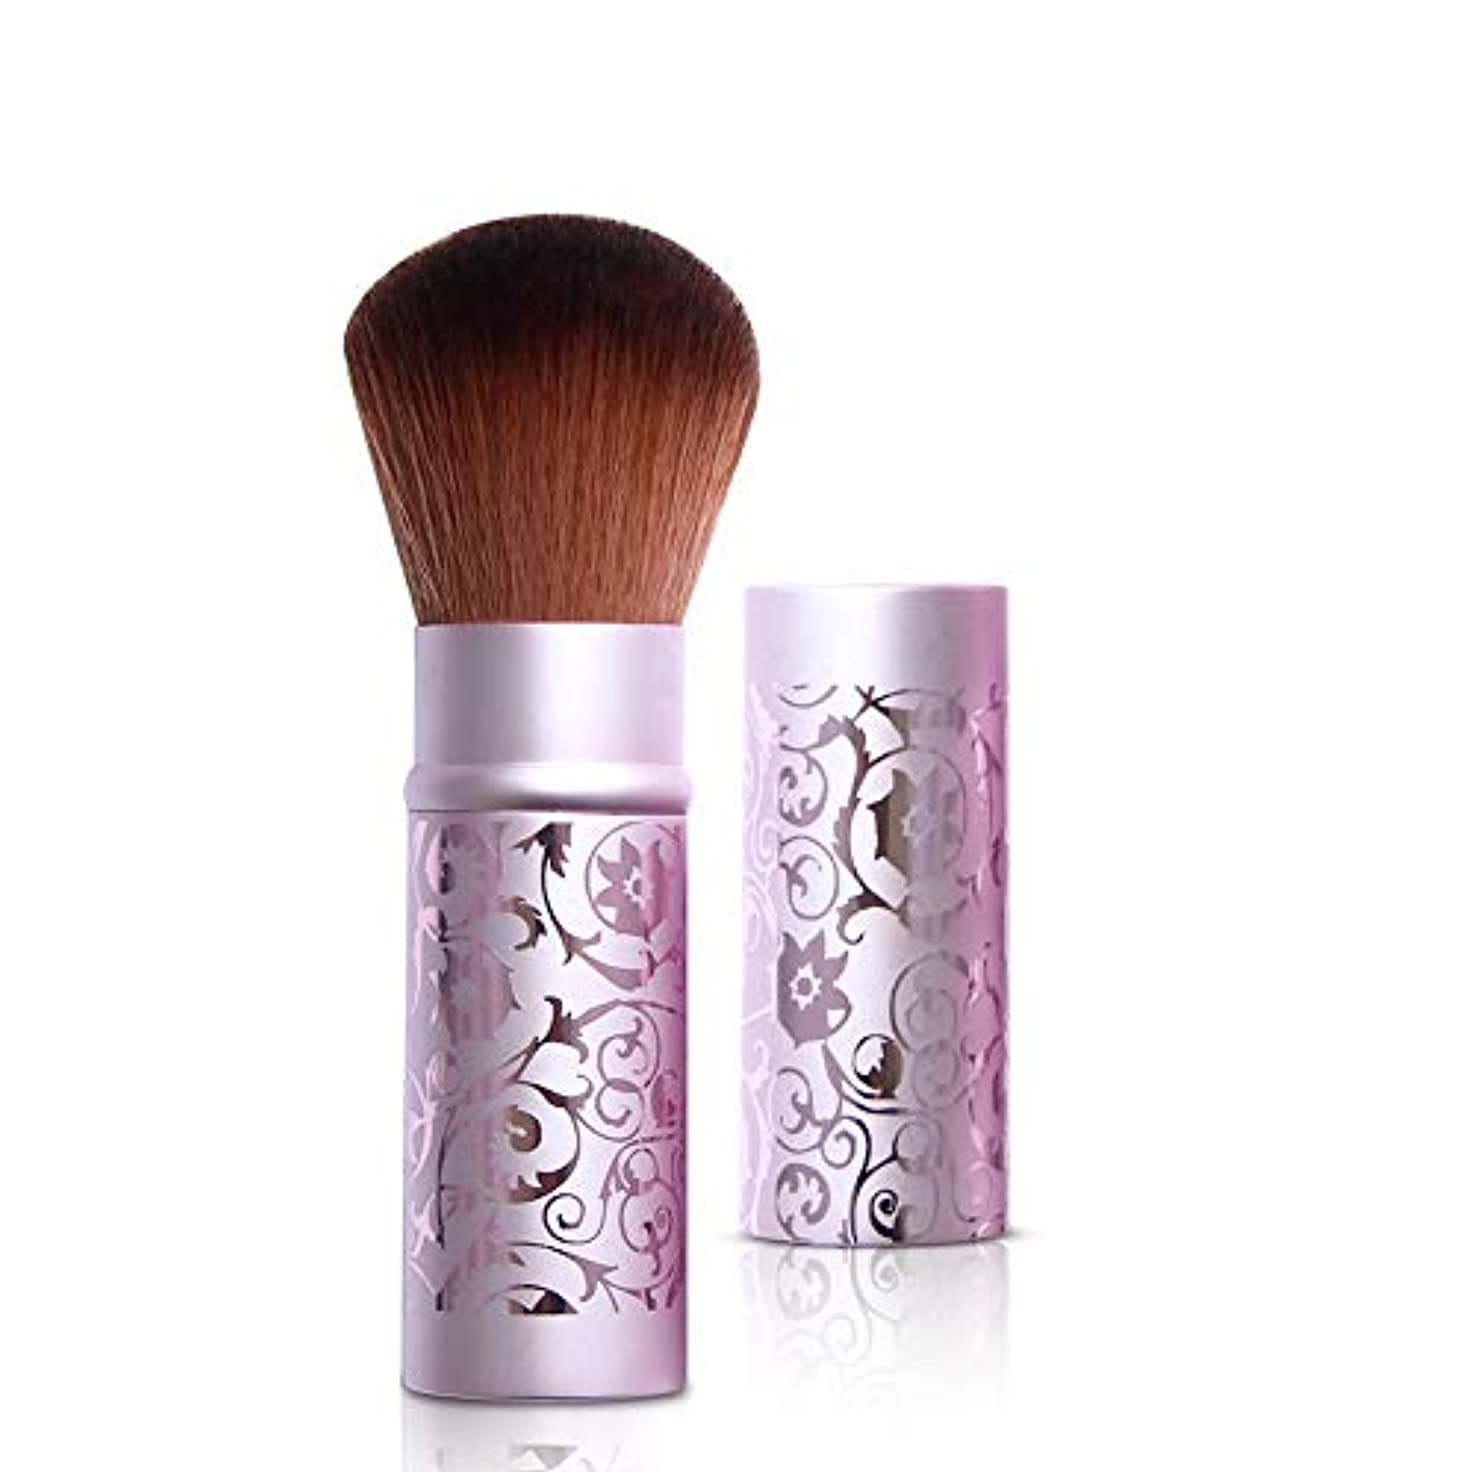 ルージュブラシセット化粧ブラシ化粧ブラシルースパウダーブラシラージパウダーブラシシャドーブラシブラッシュブラシテレスコピックポータブル蓋付き,Purple